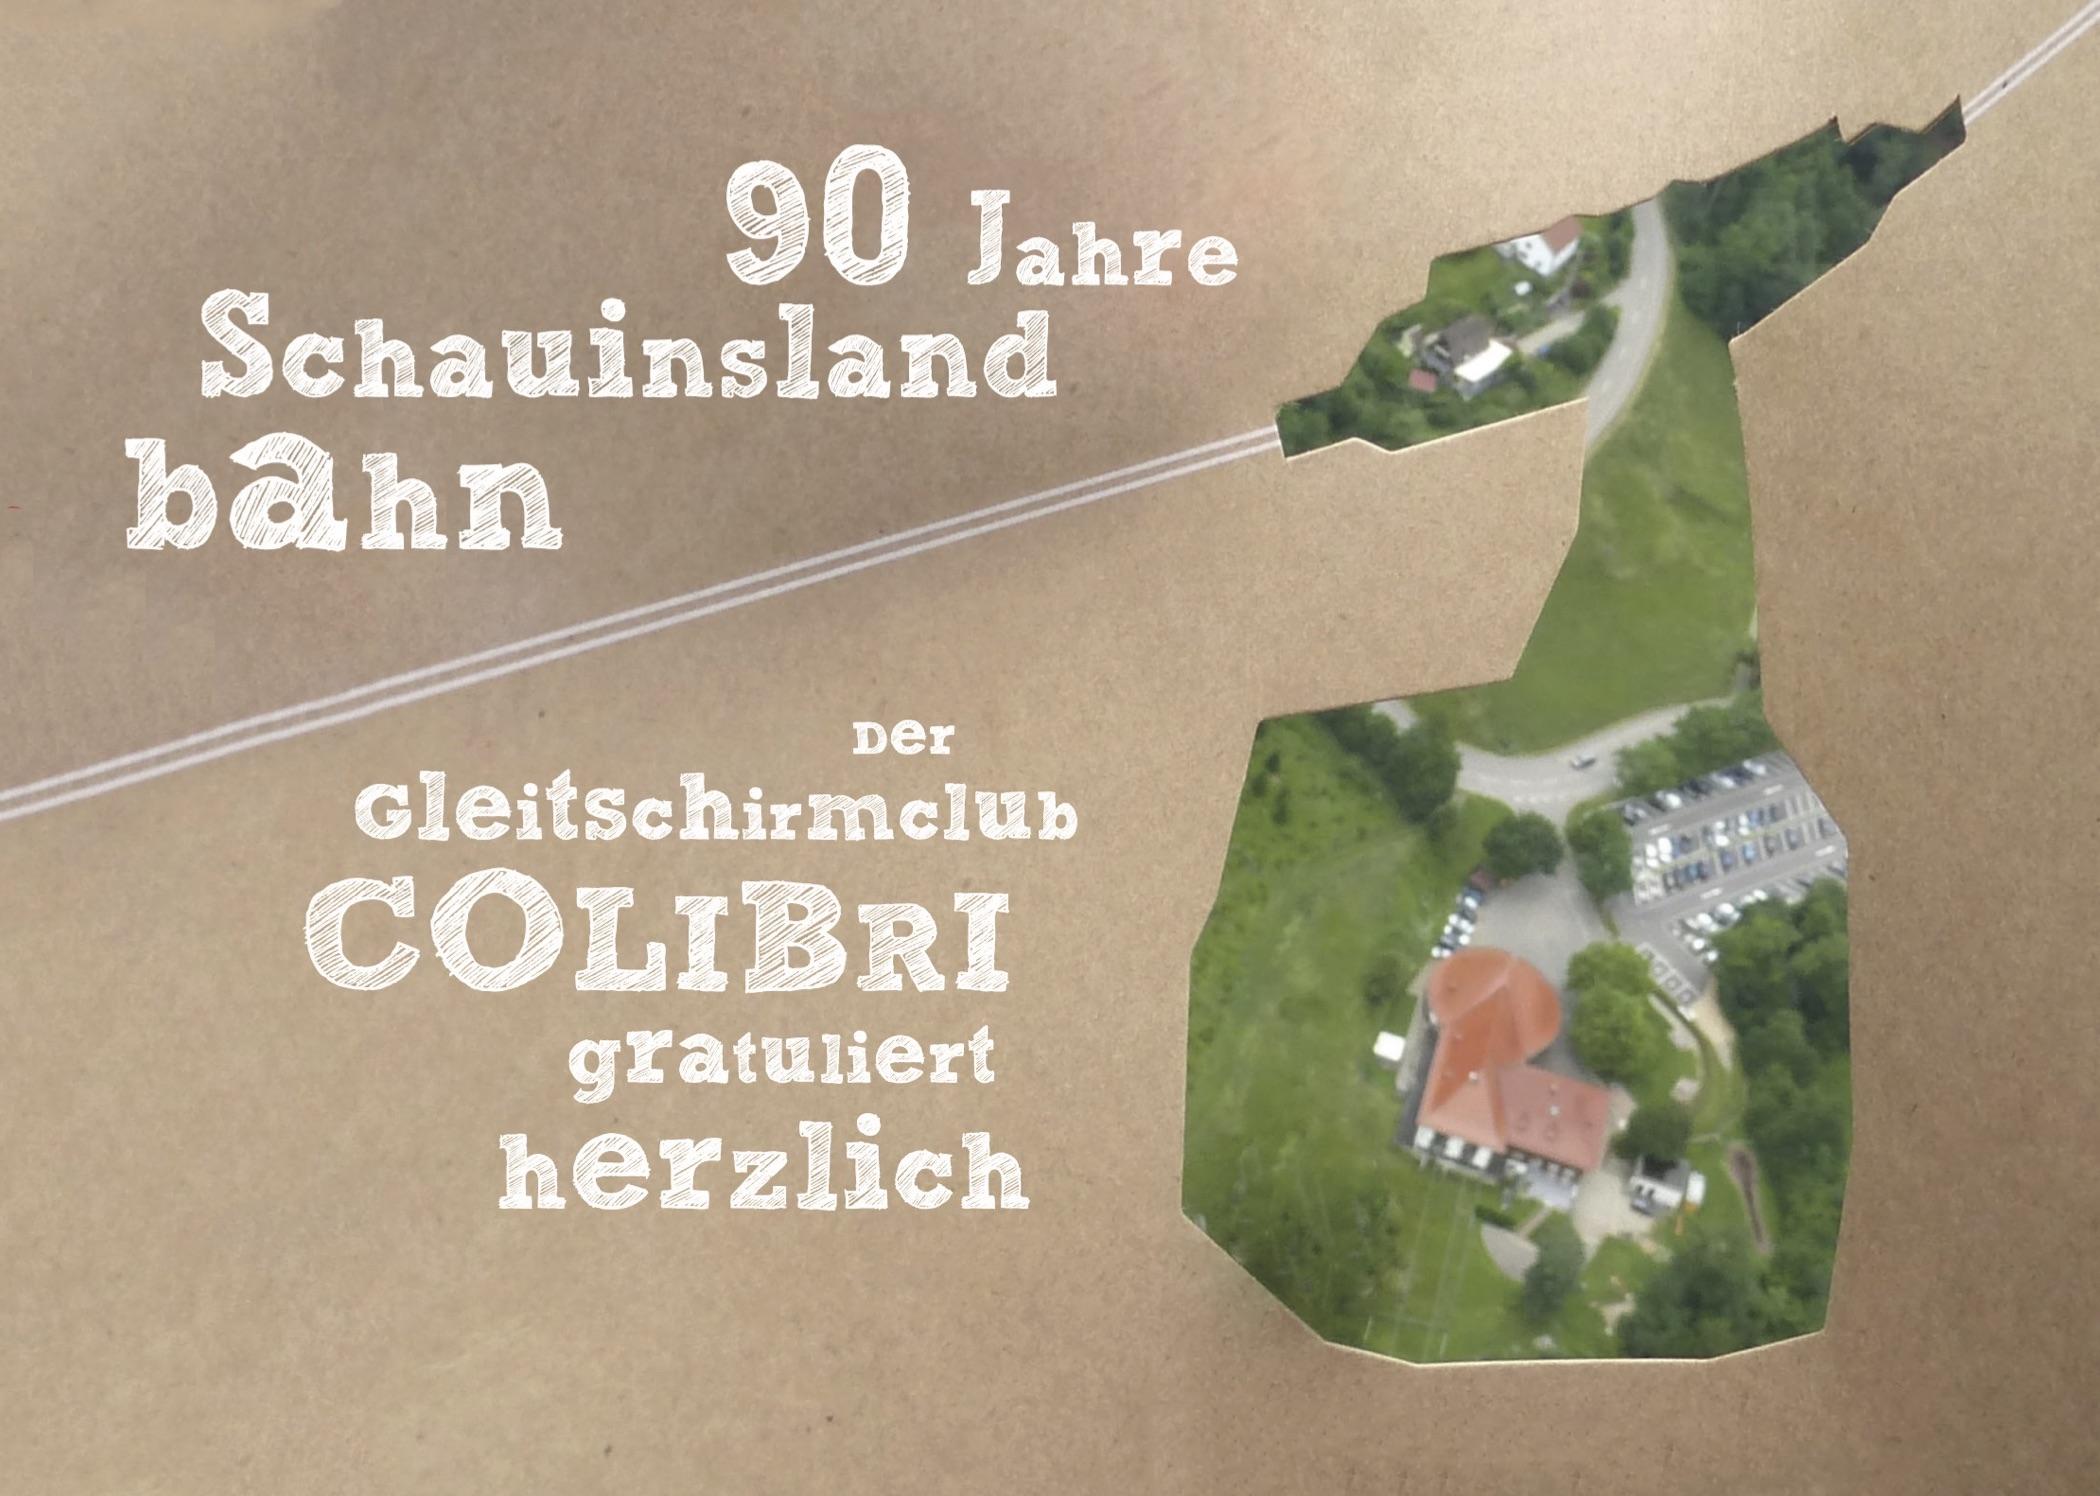 90 Jahre Schauinslandbahn – Wir gratulieren!